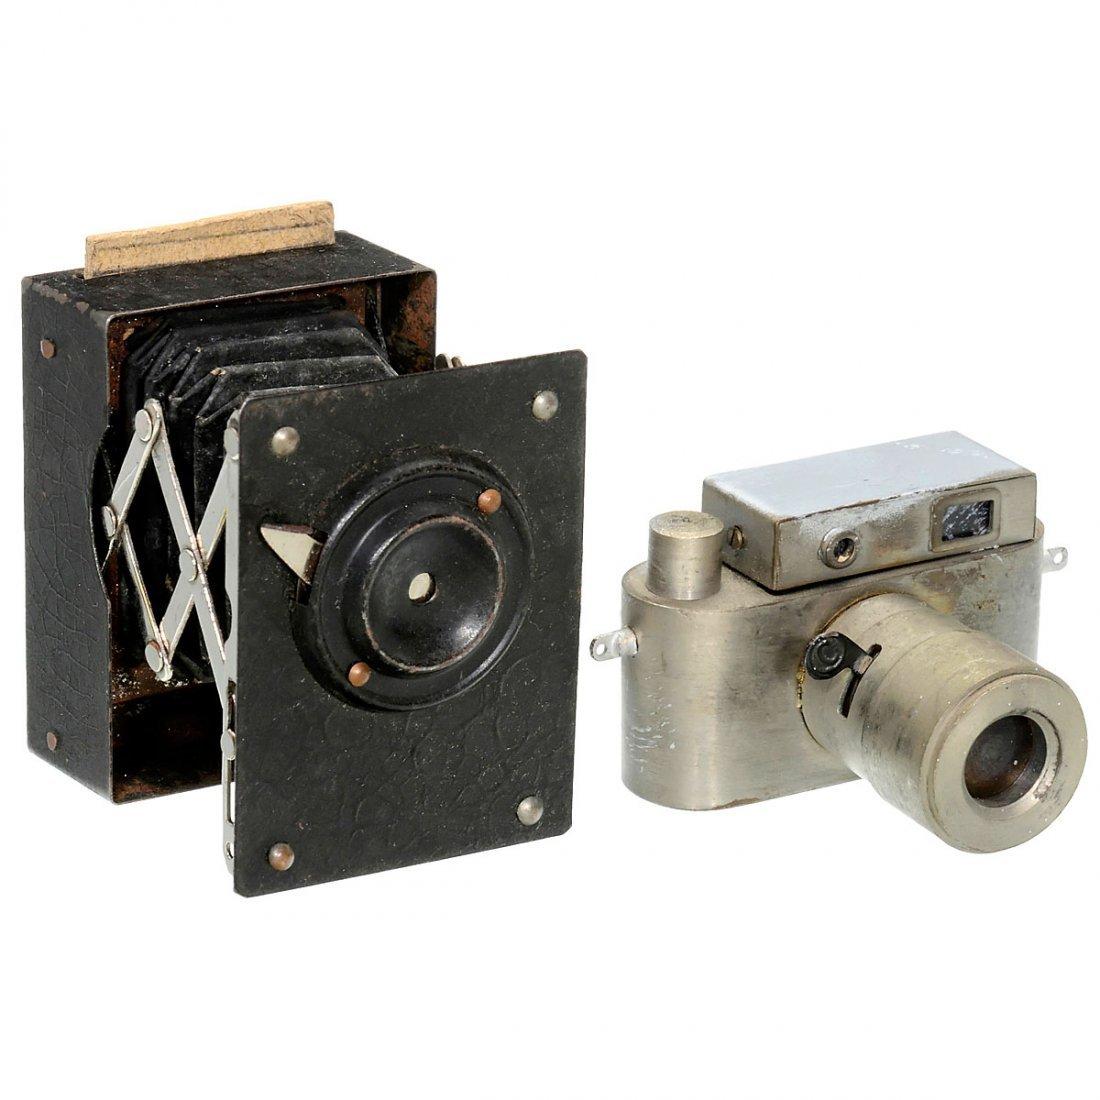 2 Unusual Subminiature Cameras